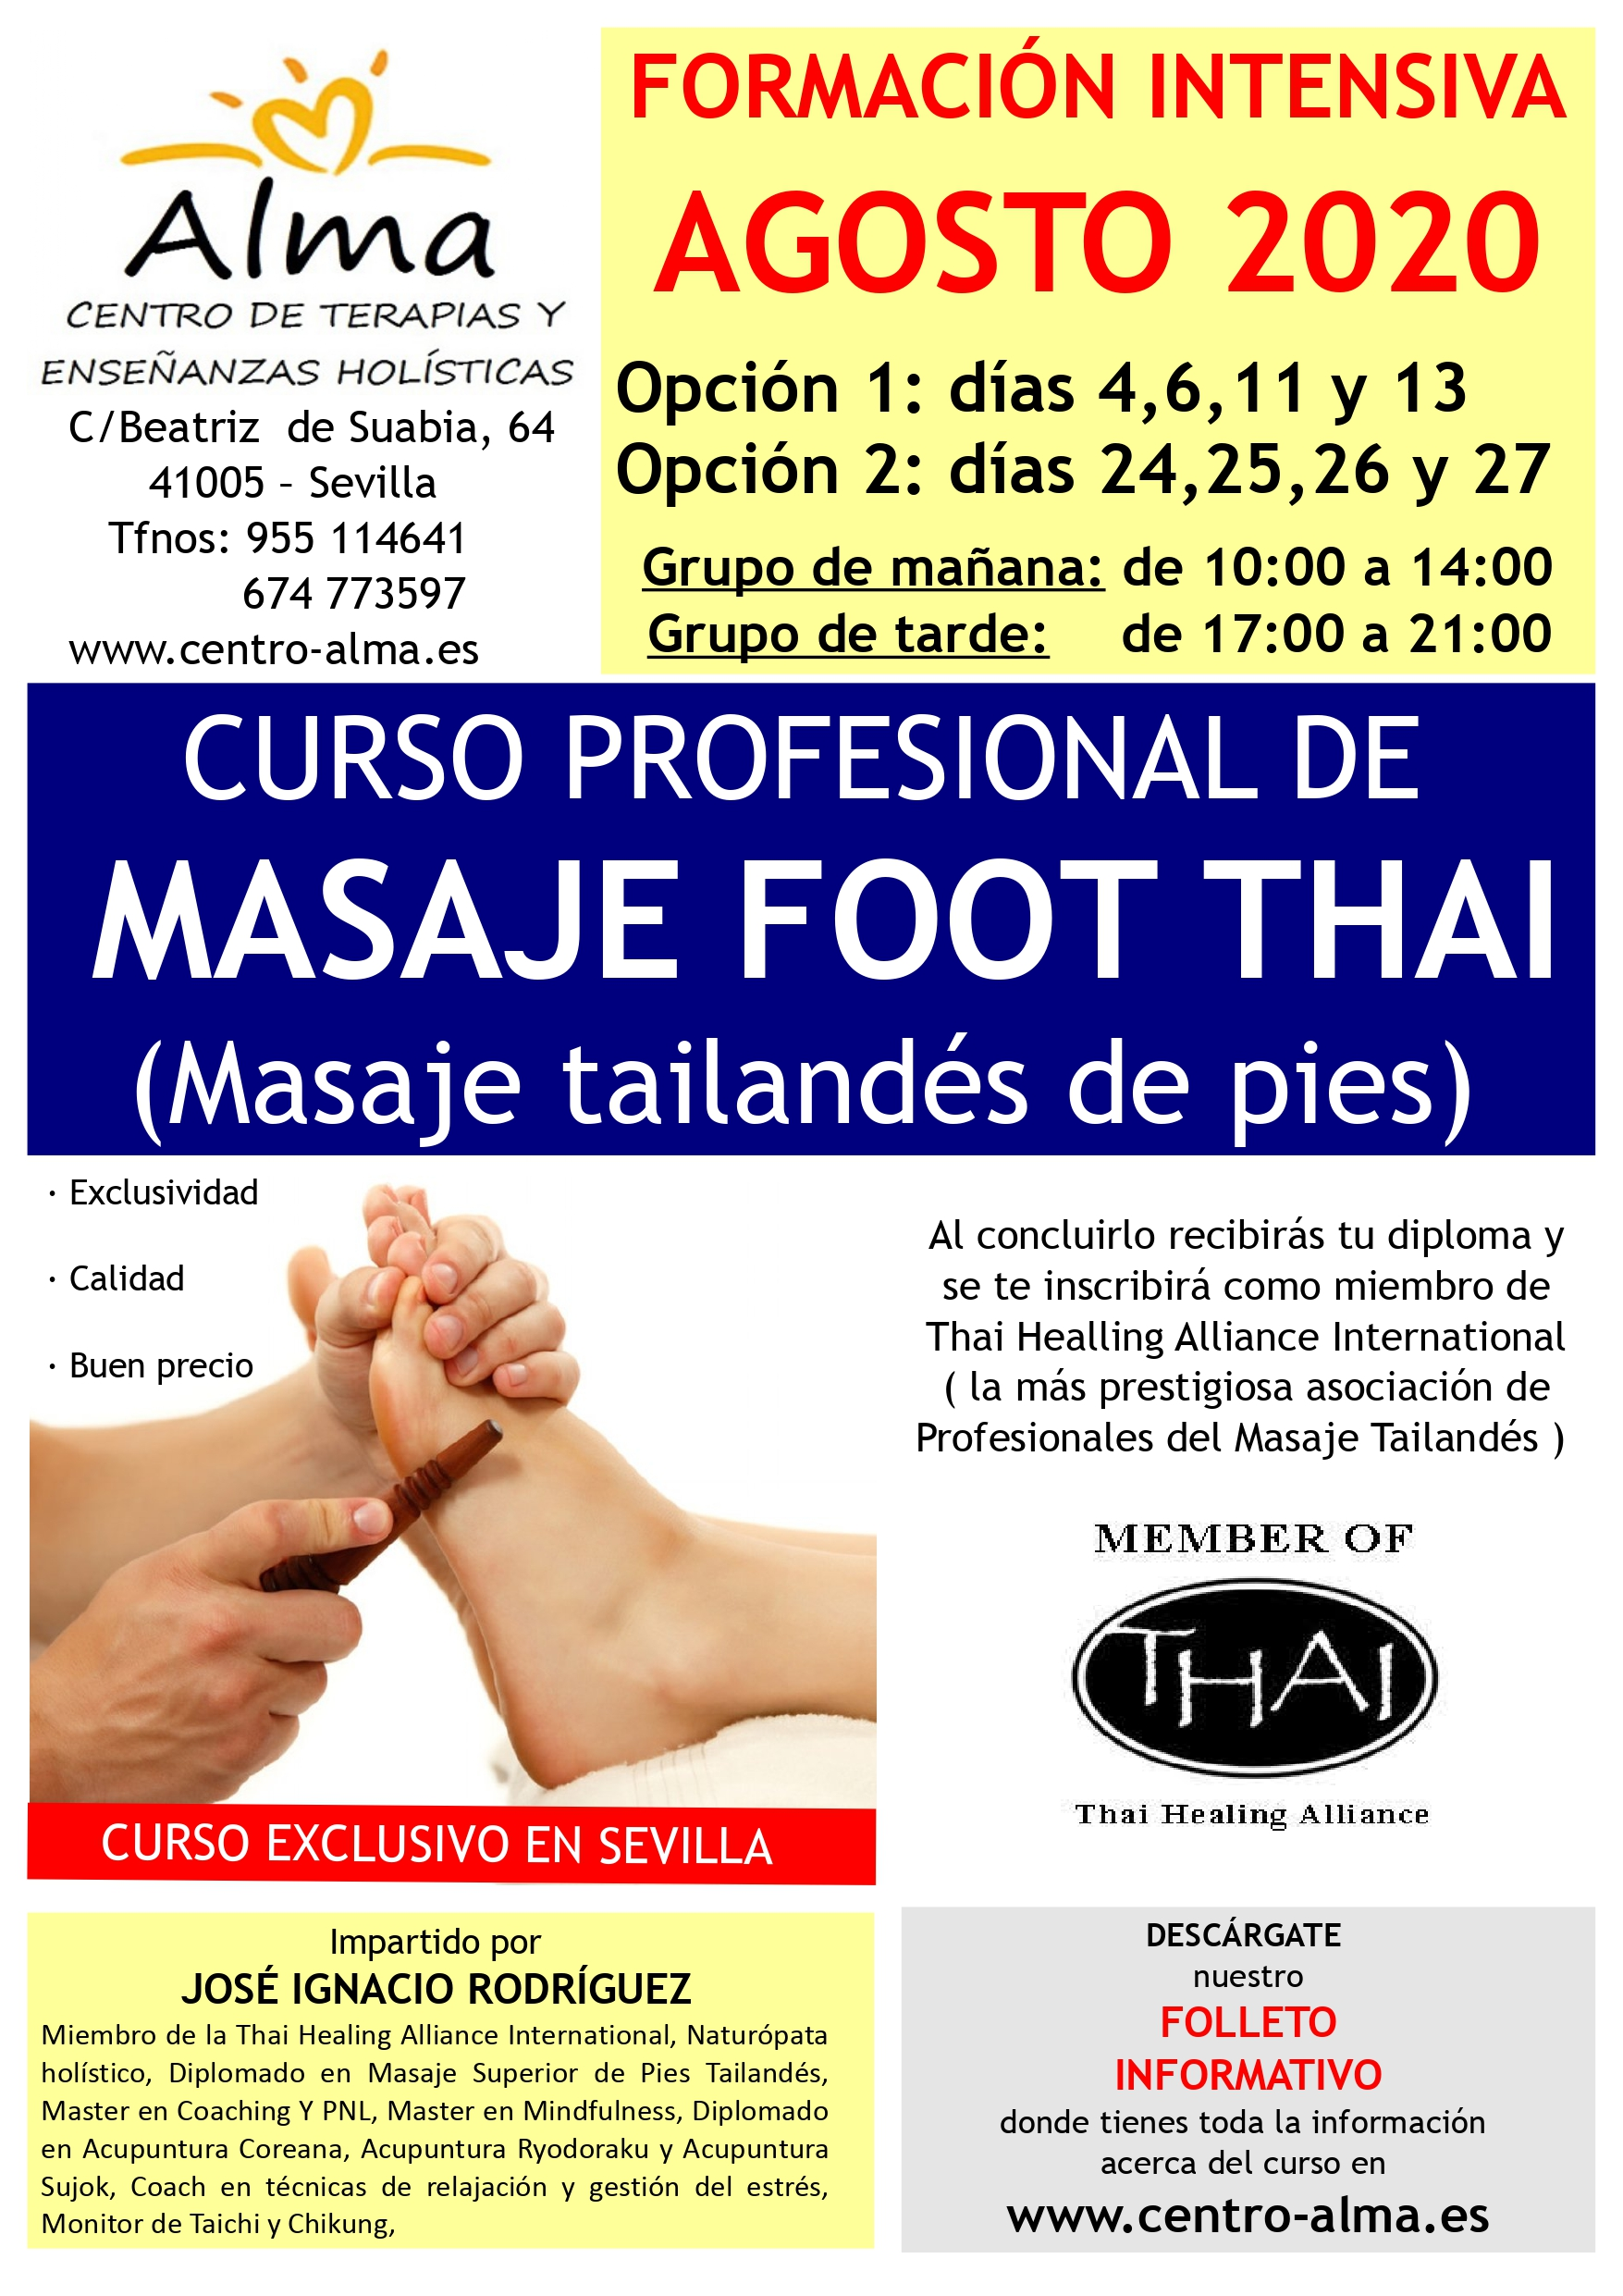 poster foot thai agosto 2020